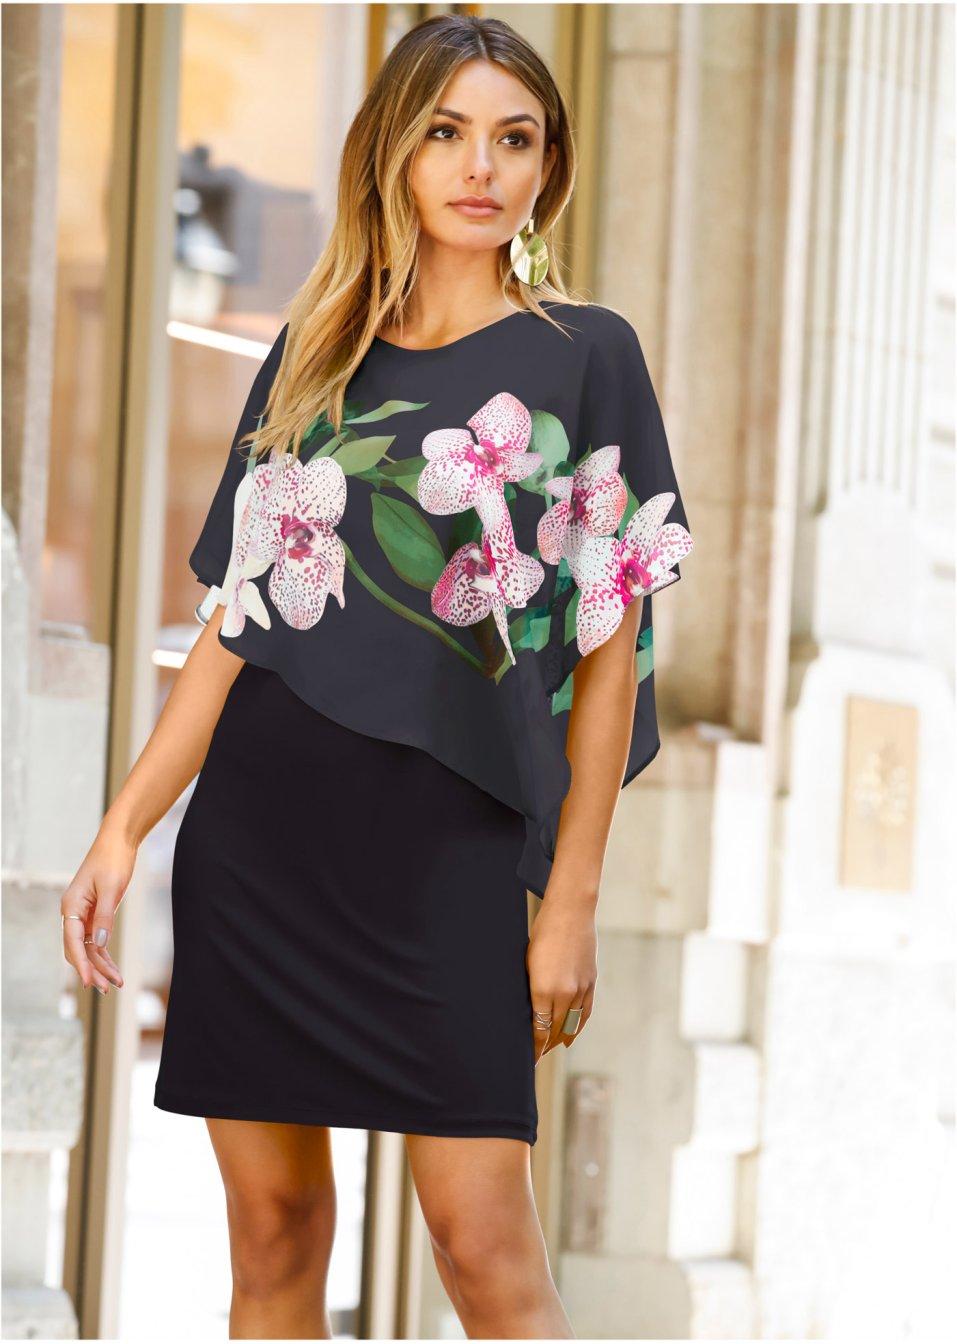 aee876cc23ab Společenské šaty za skvělé ceny najdete u bonprix